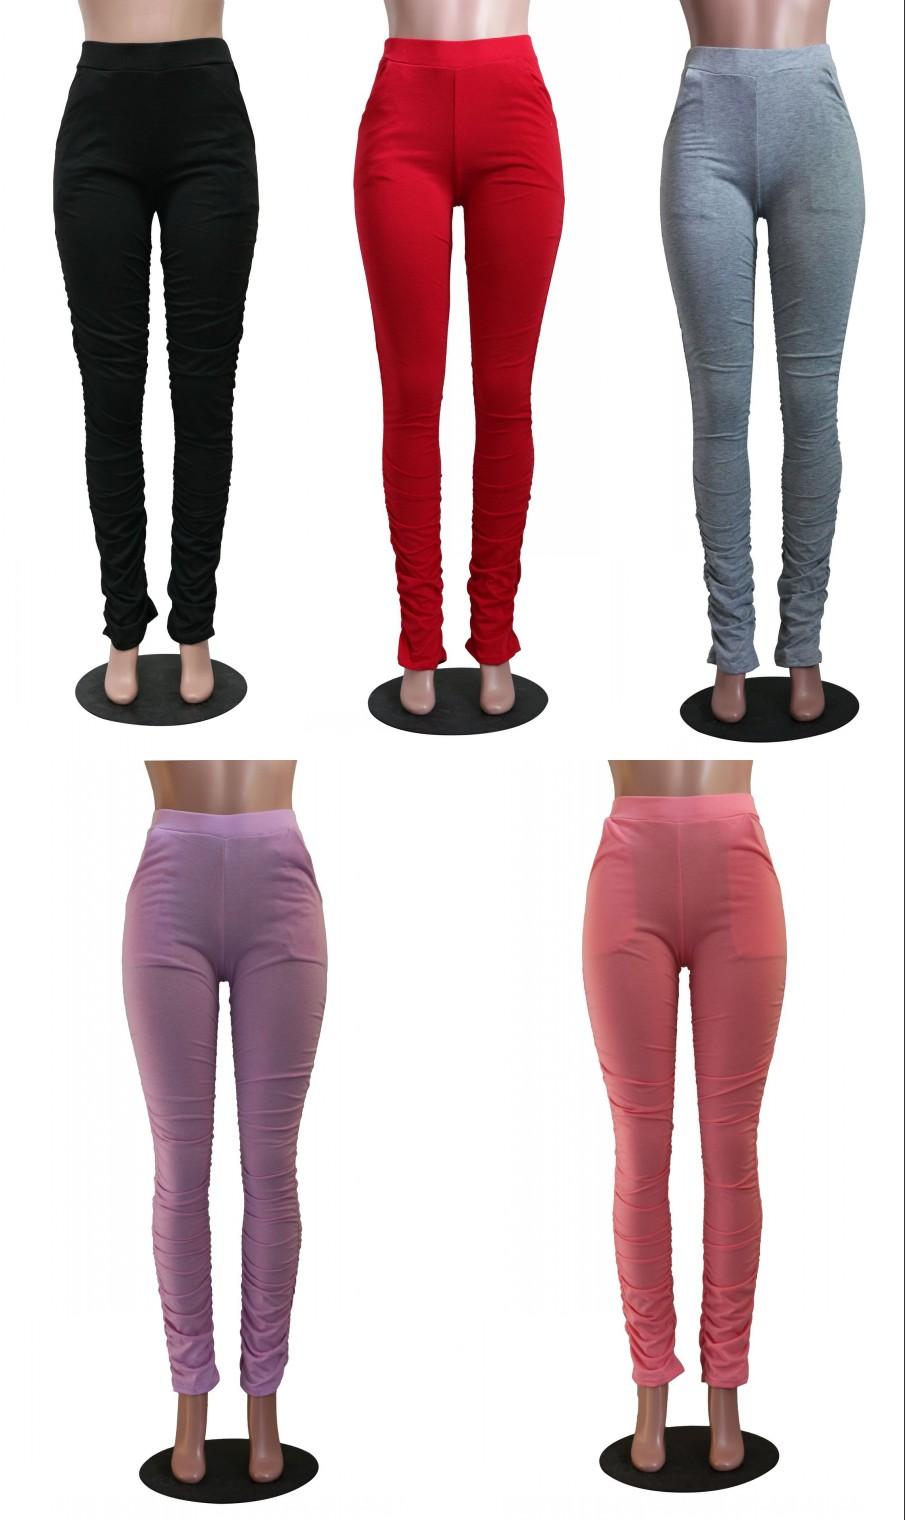 2020 สินค้าใหม่ซ้อน legging ผู้หญิงเหงื่อกางเกง ruched Joggers กางเกงกีฬากางเกง